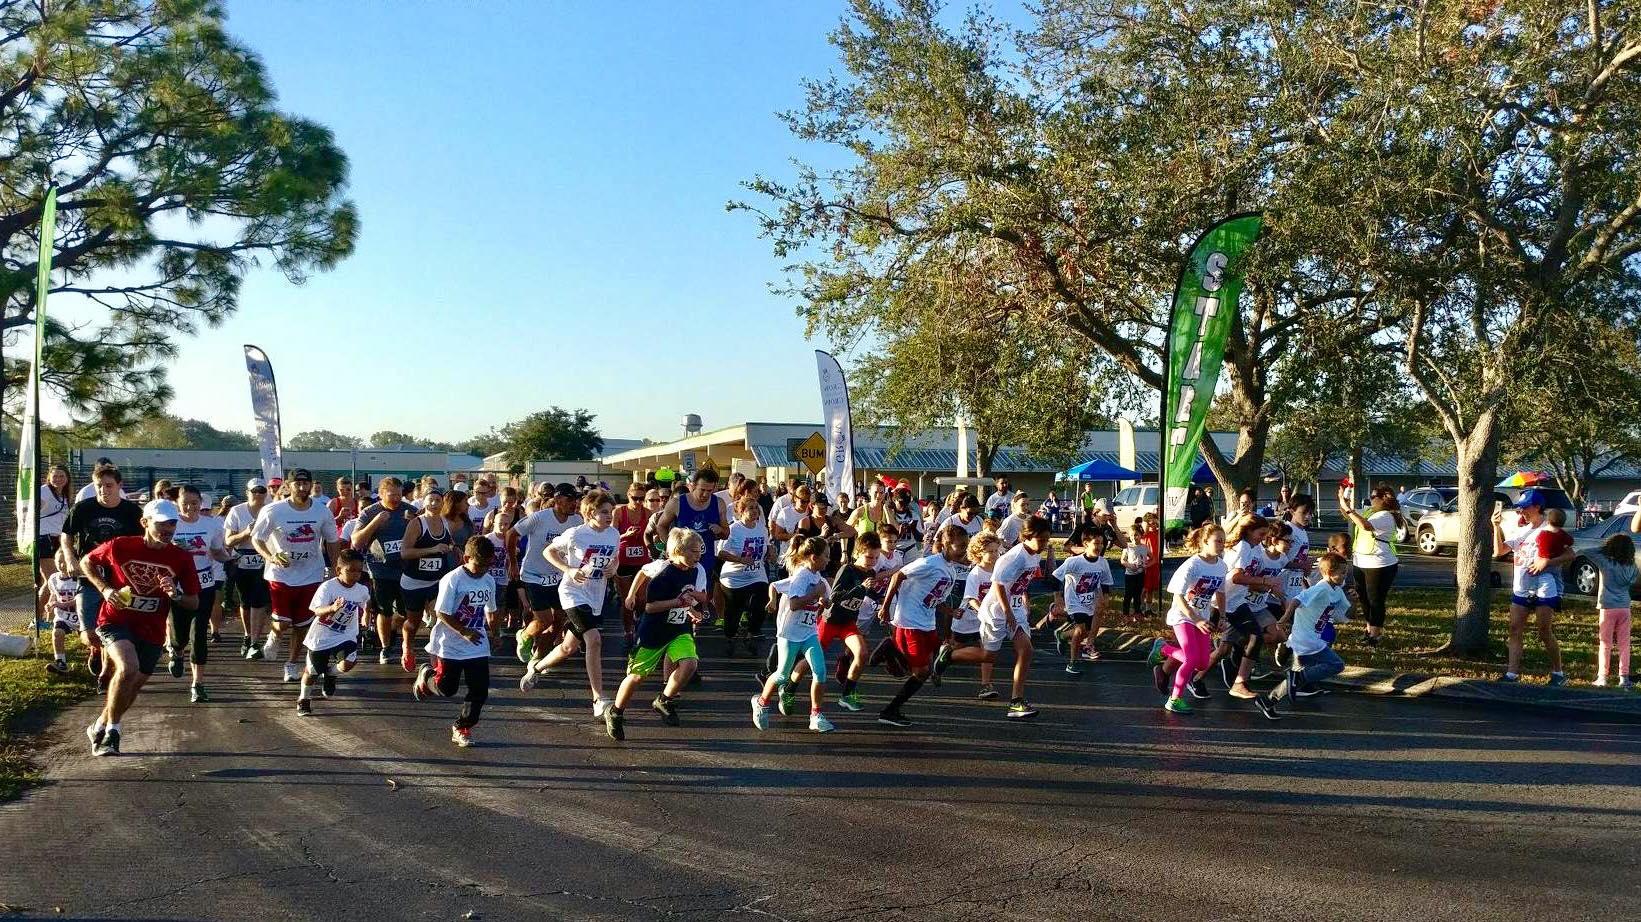 EEE race picture.jpg